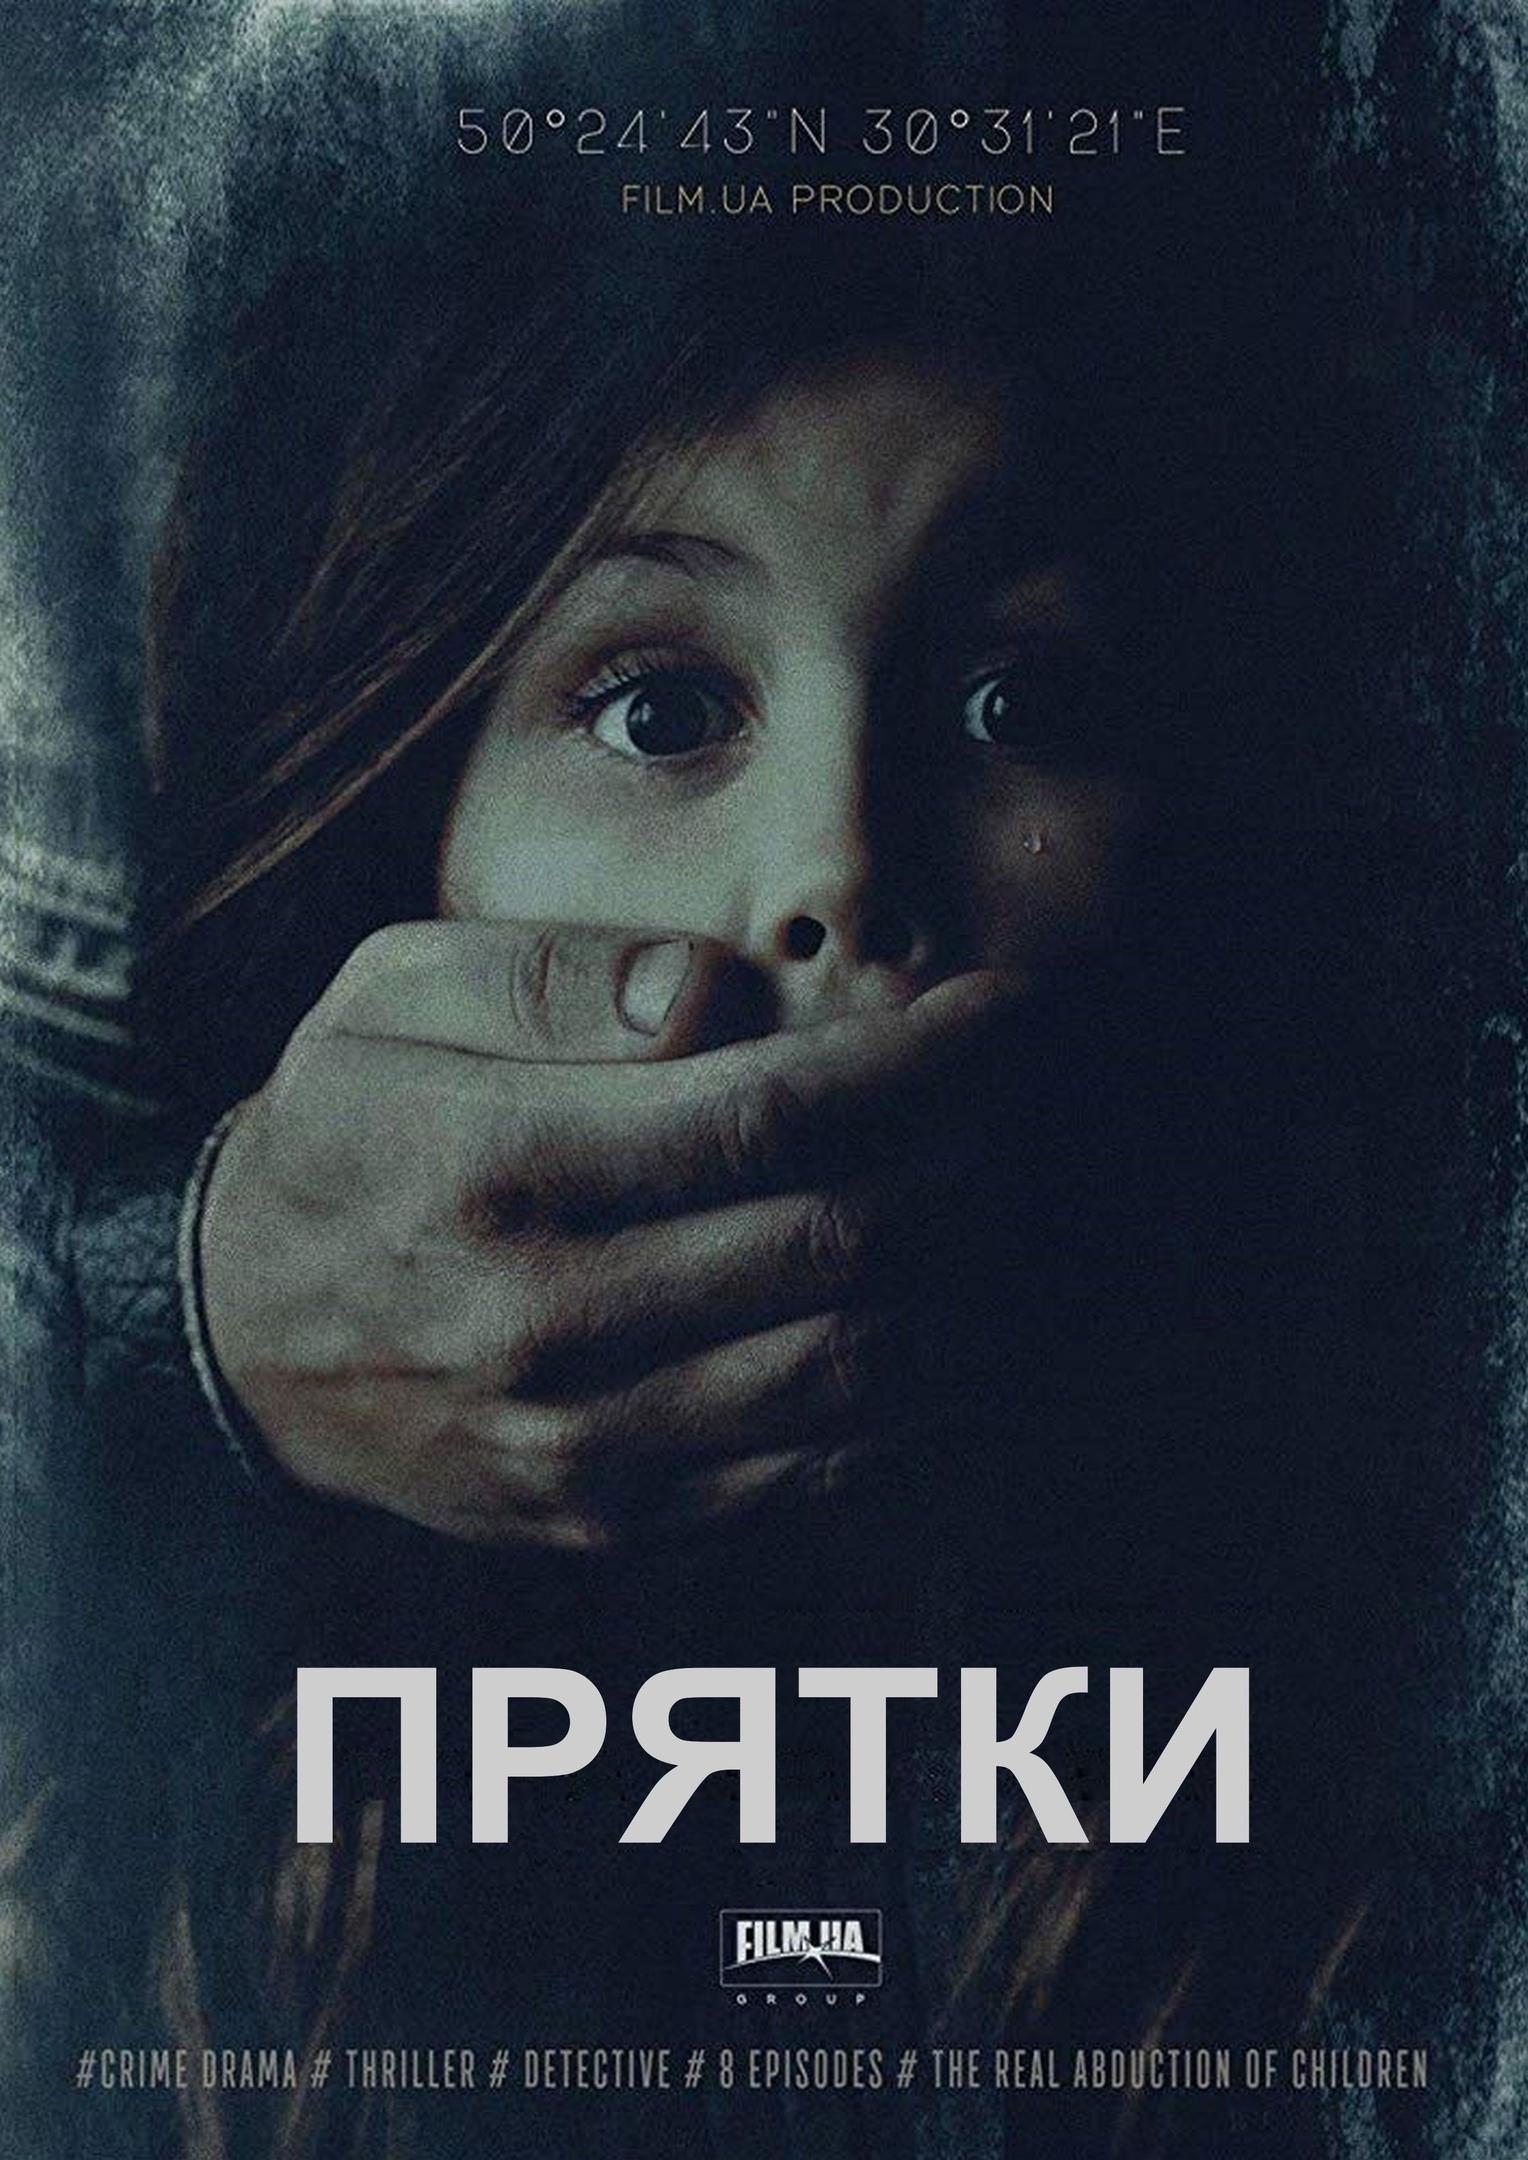 Детективный триллер «Πрятки» (2019) 1-8 серия из 8 HD